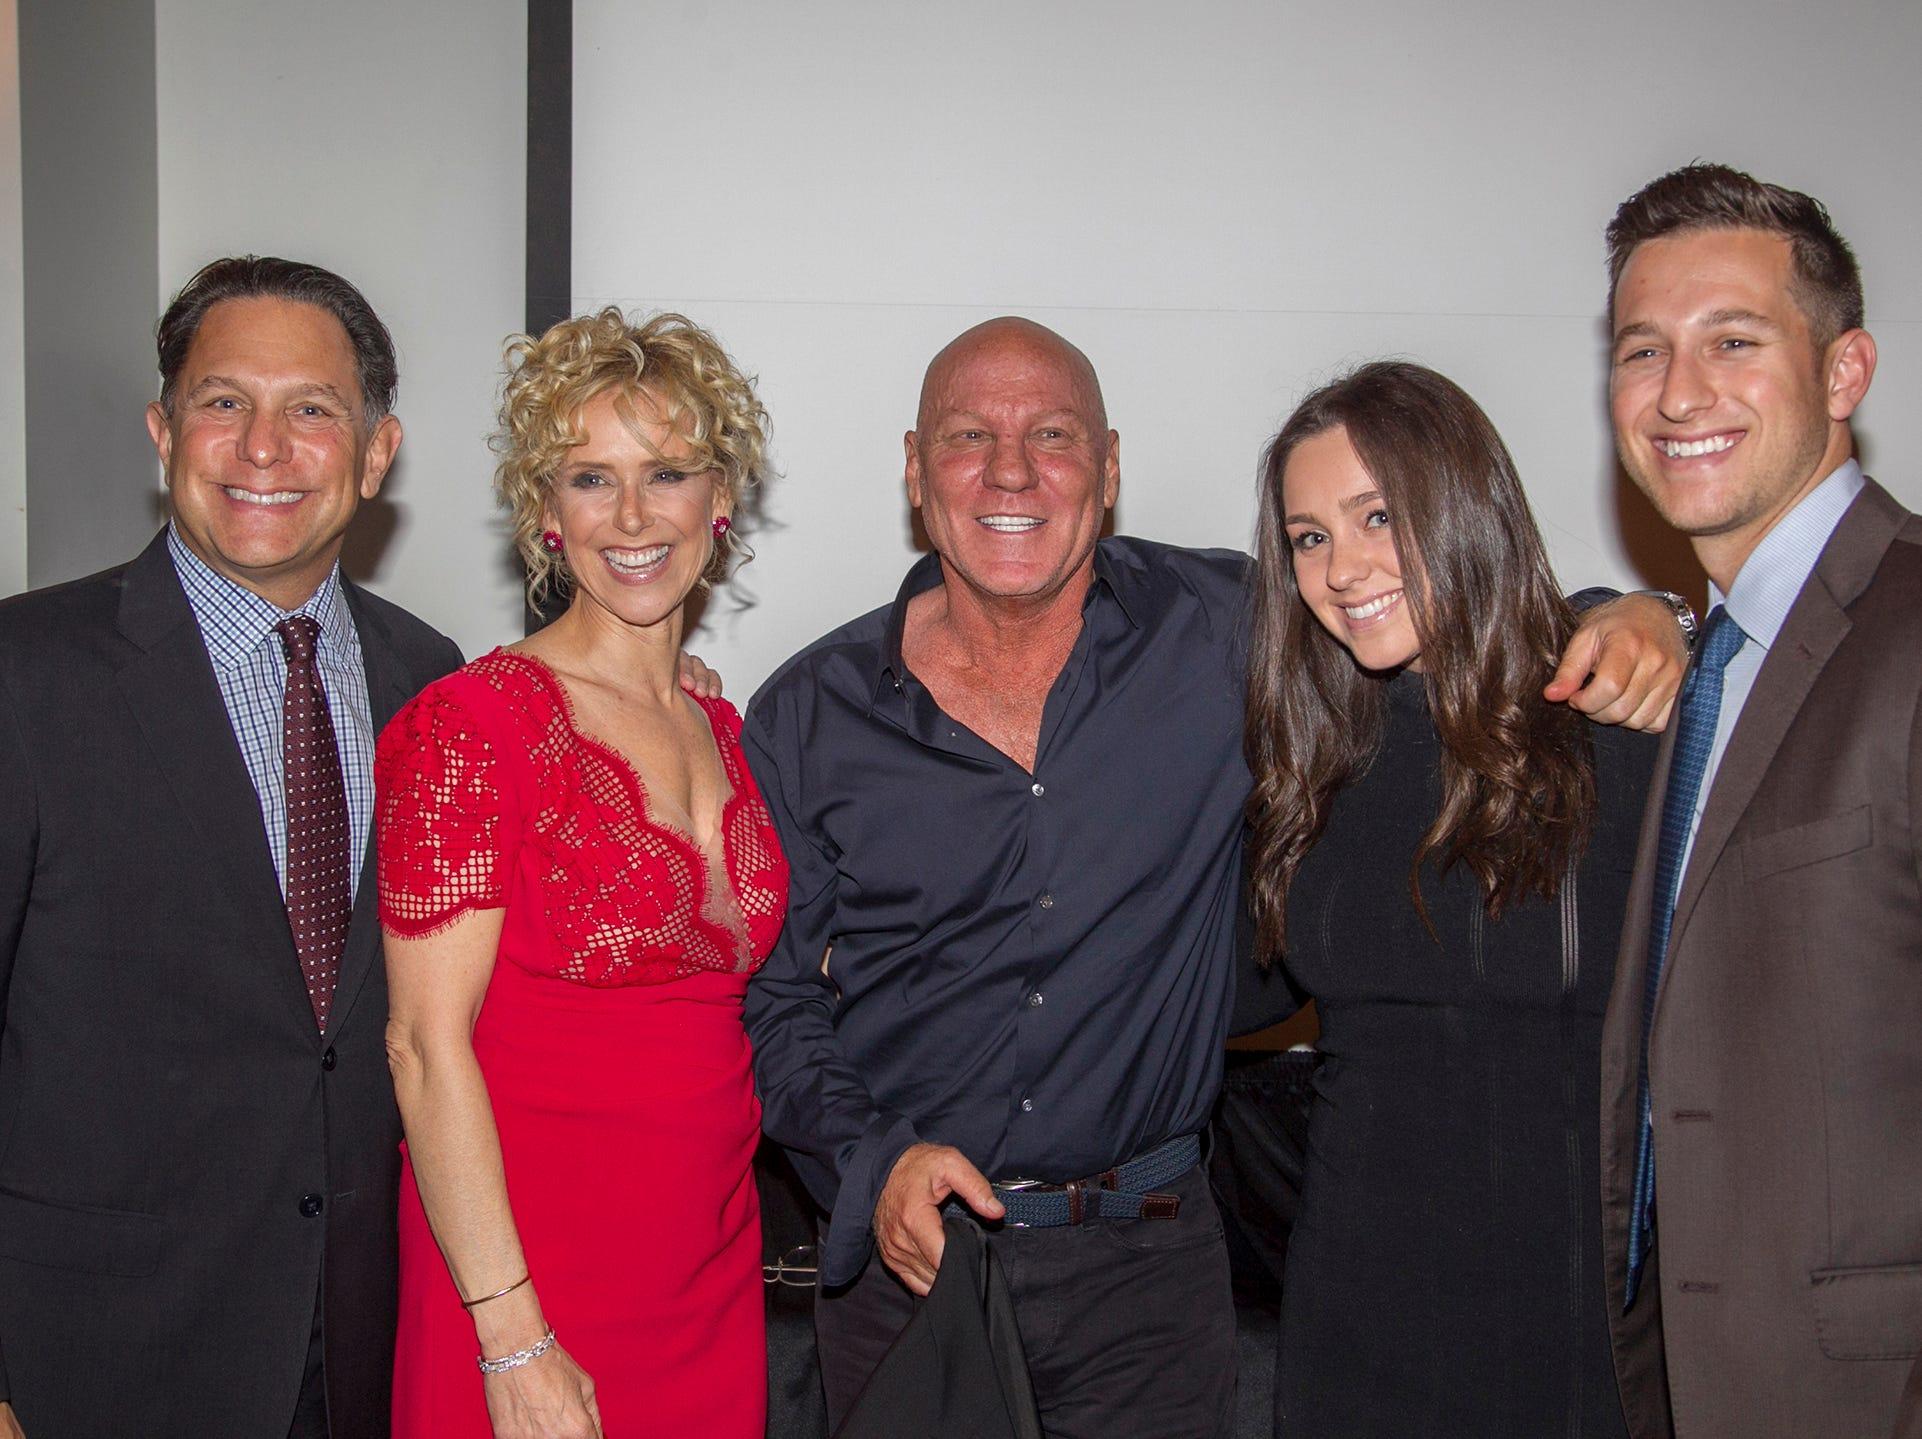 Dr. Steven Topfer, Geri Topfer, Steve Madden, Sydney Topfer, Jacob Topfer. Kula for Karma's 11th Anniversary gala at Pearl River Hilton. 11/05/2018